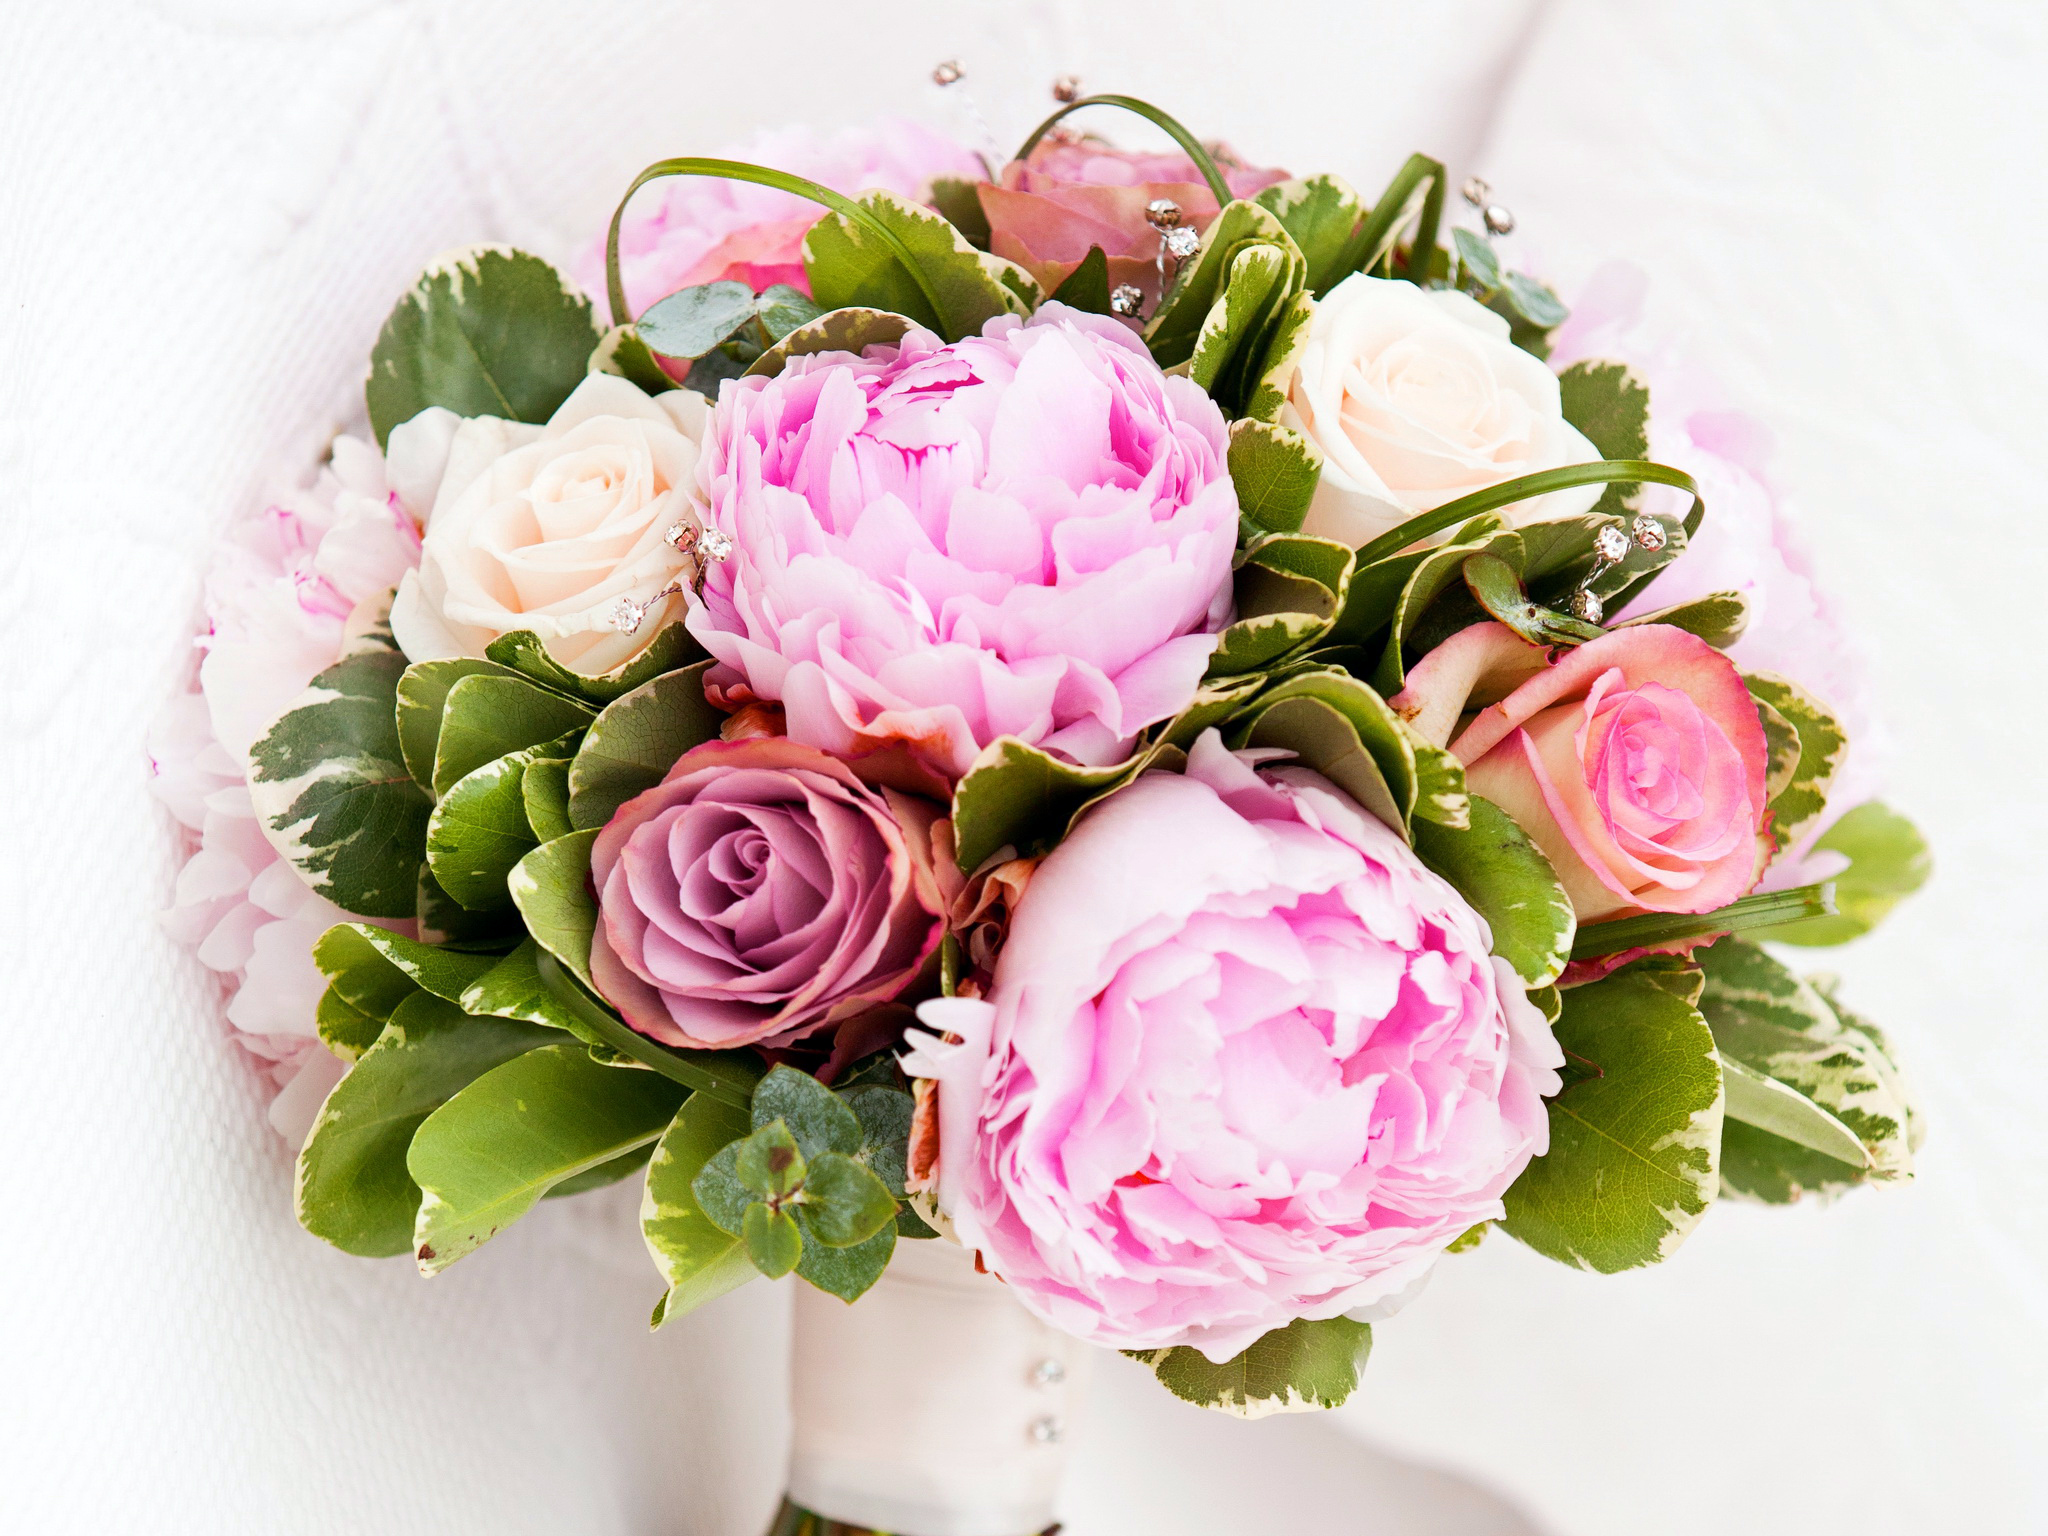 flower bouquet wallpaper photos 52254 2048x1536px